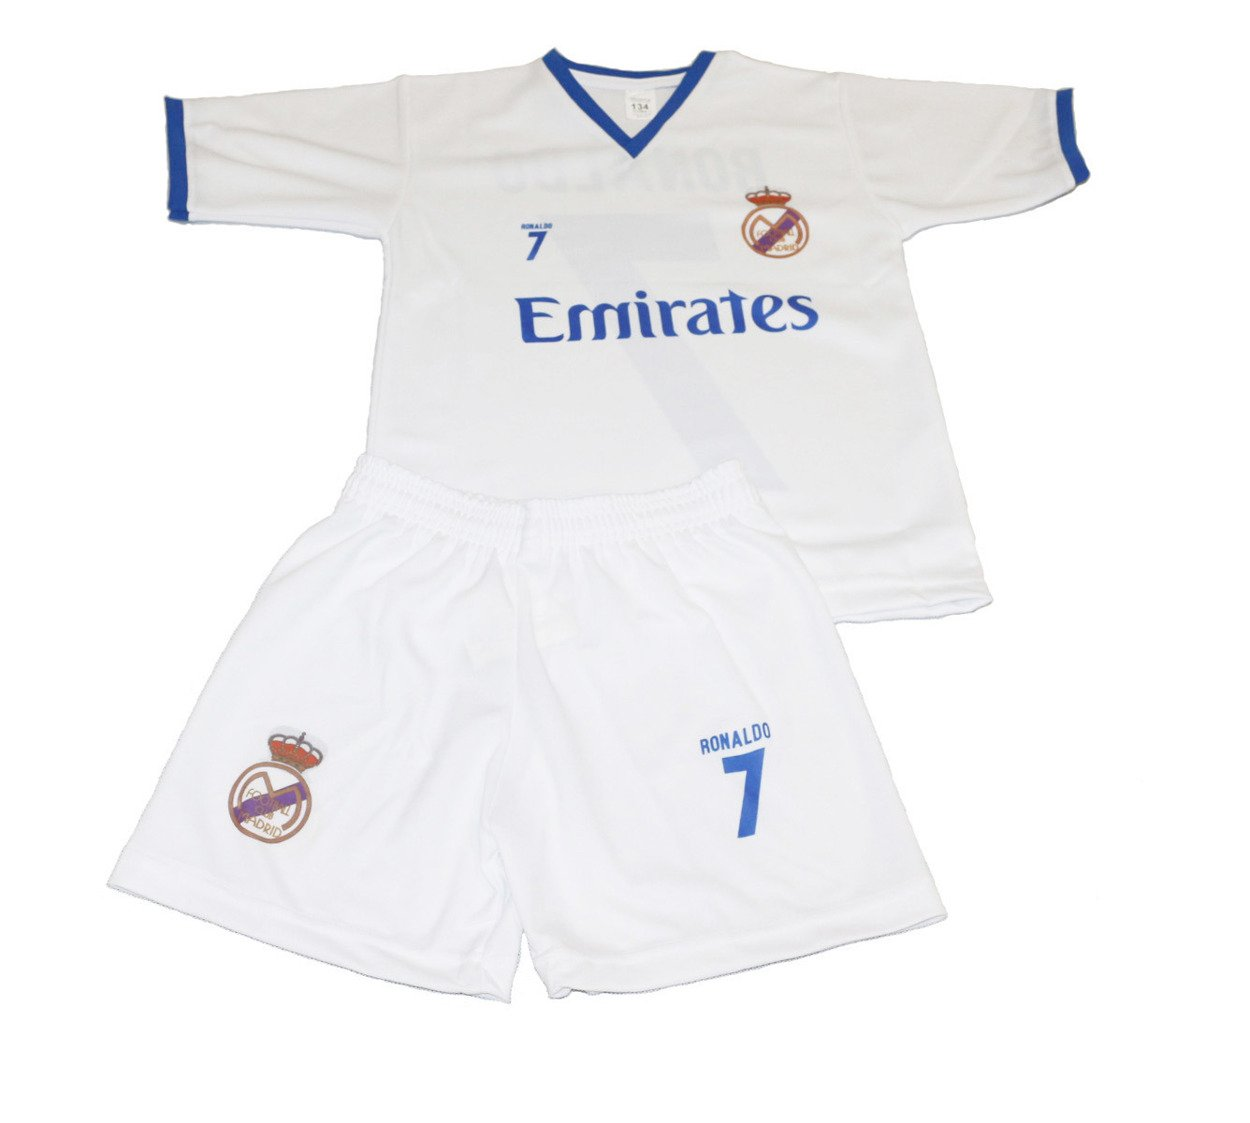 6d0005259599f6 Kliknij, aby powiększyć · Komplet piłkarski Reda Madrid Ronaldo 7 junior  biało-niebieski Kliknij, aby powiększyć